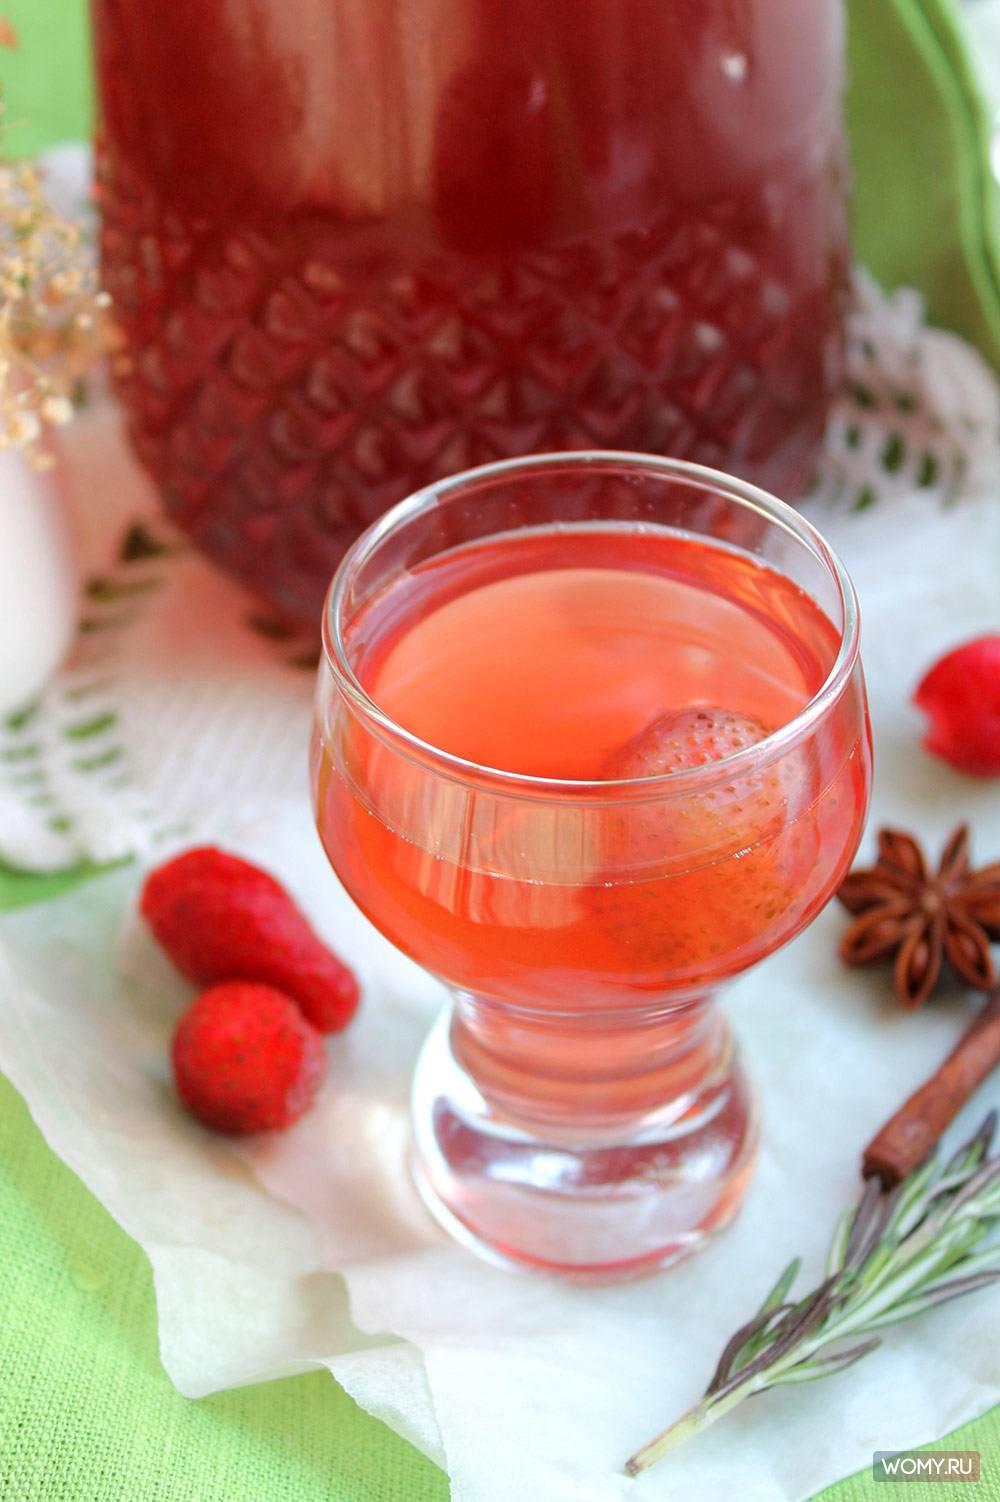 Панкреатит. кисель из малины и малинового варенья кисель из малины и малинового варенья